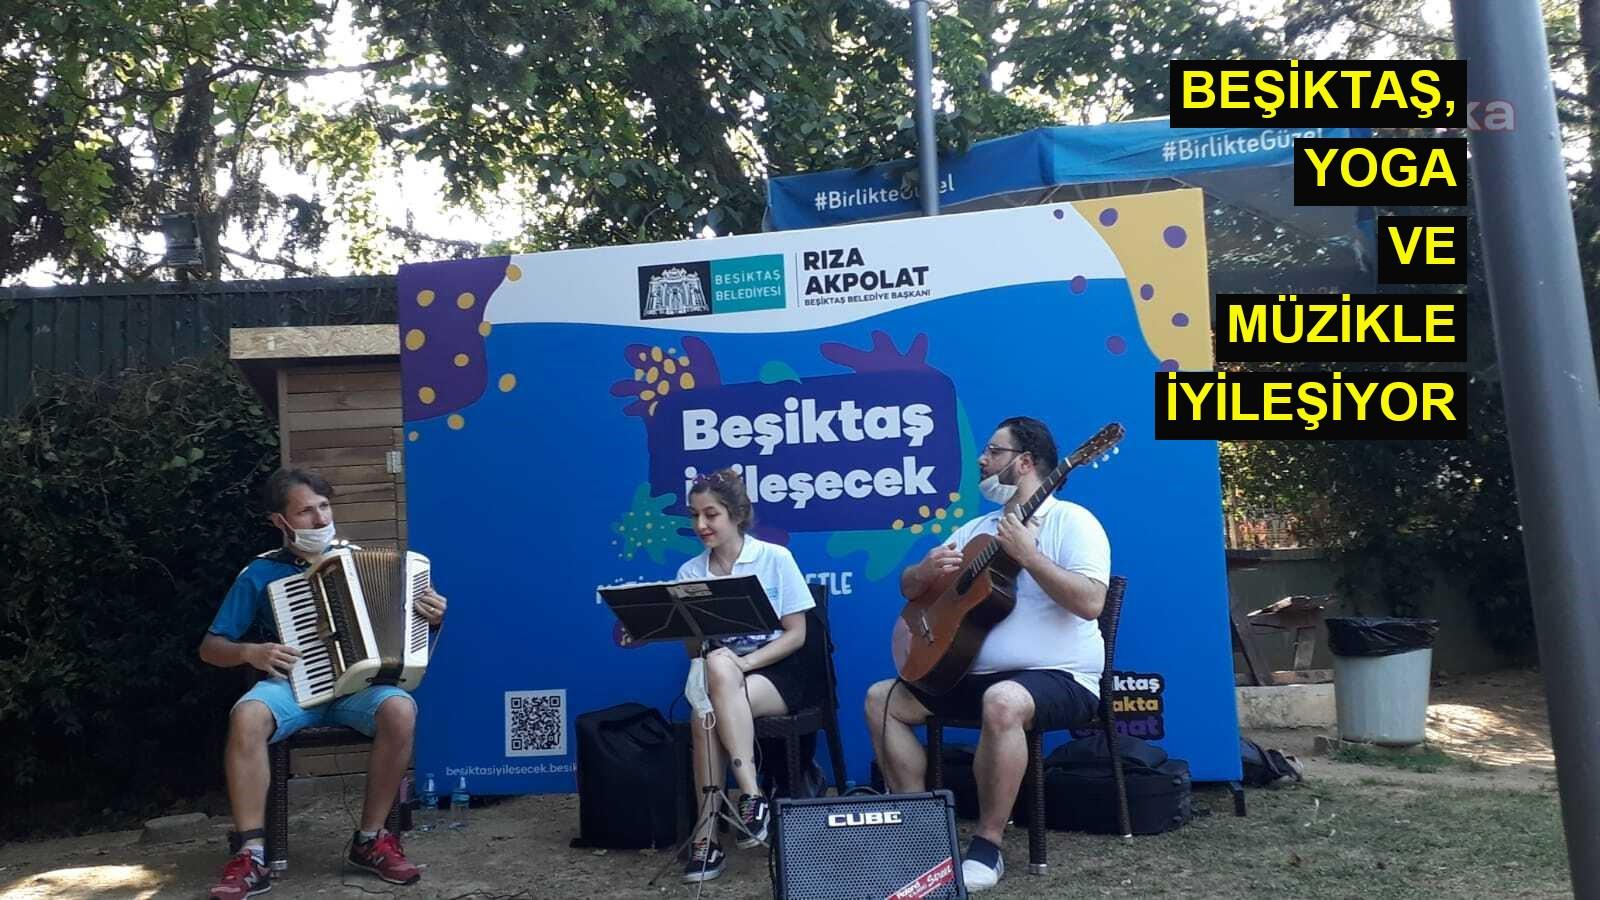 Beşiktaş, yoga ve müzikle iyileşiyor